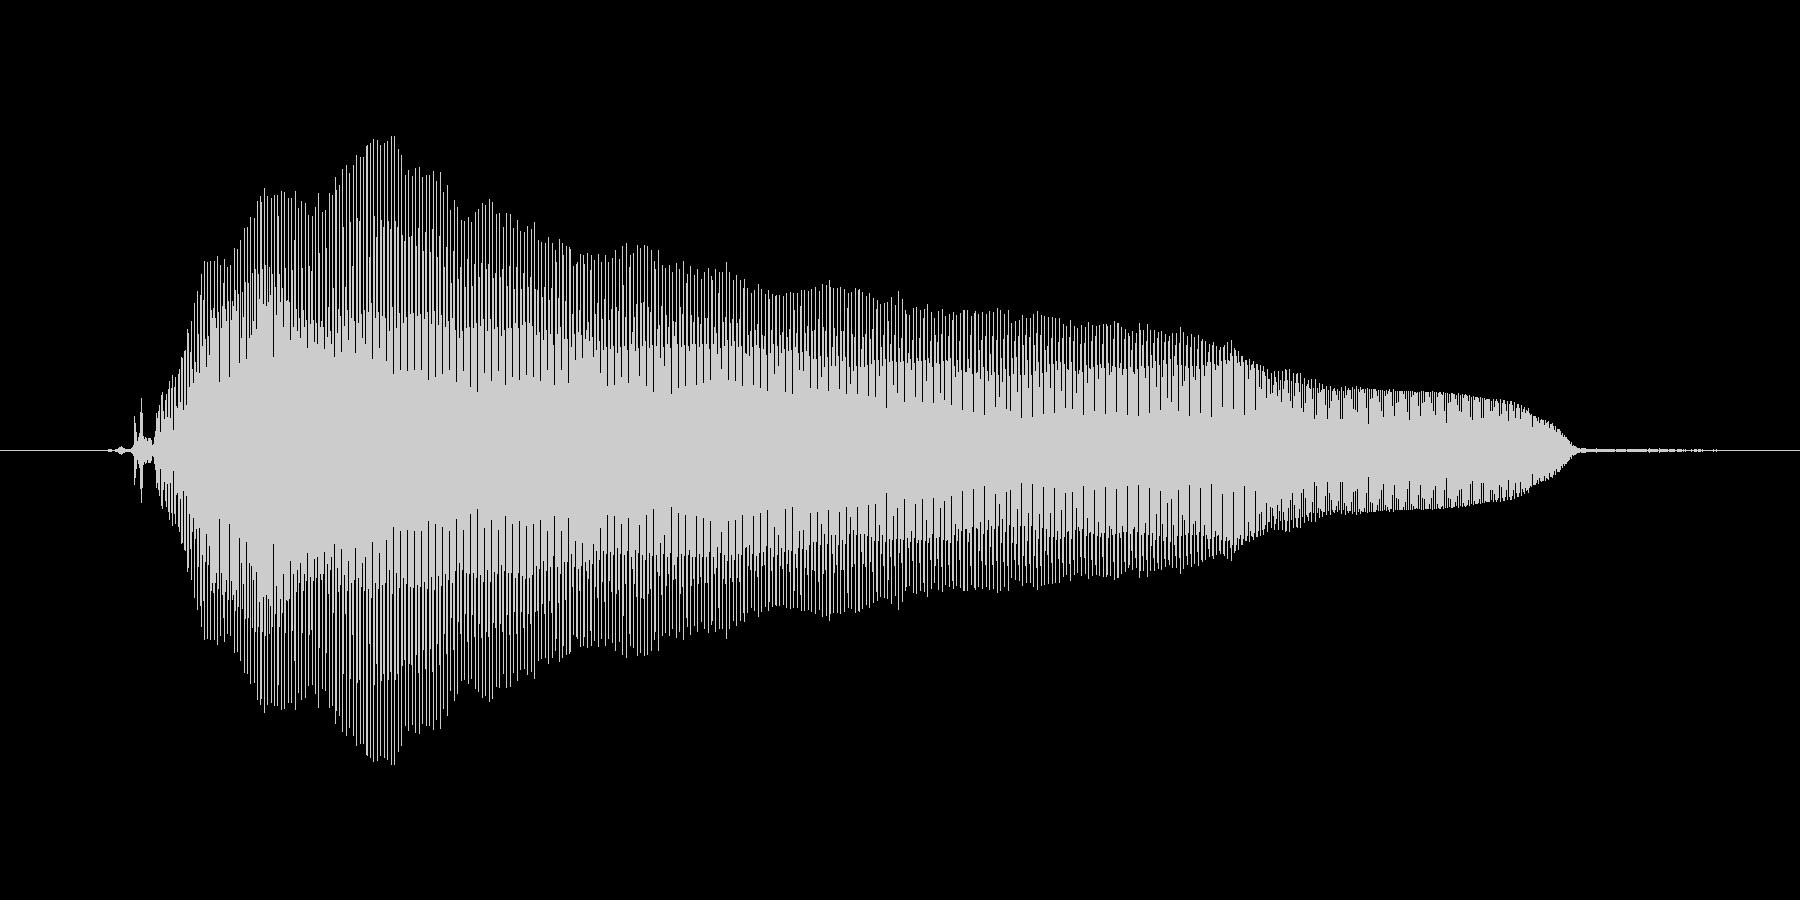 【ボイスSE】がーんΣ( ̄ロ ̄lll)の未再生の波形